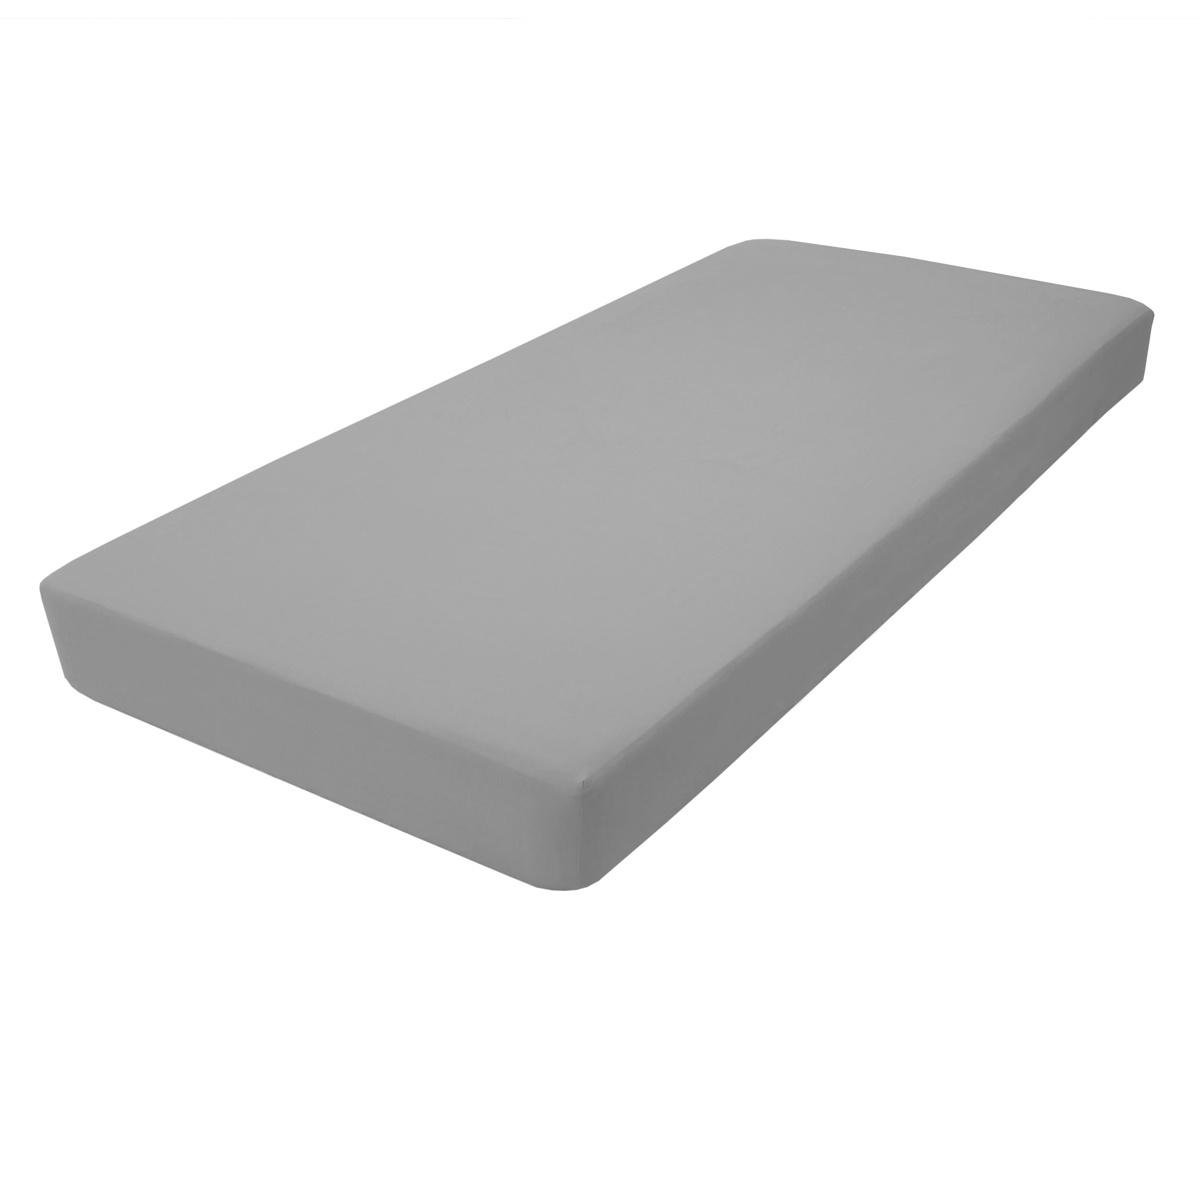 Простыня LIMETIME Sateen Comfort, темно-серый